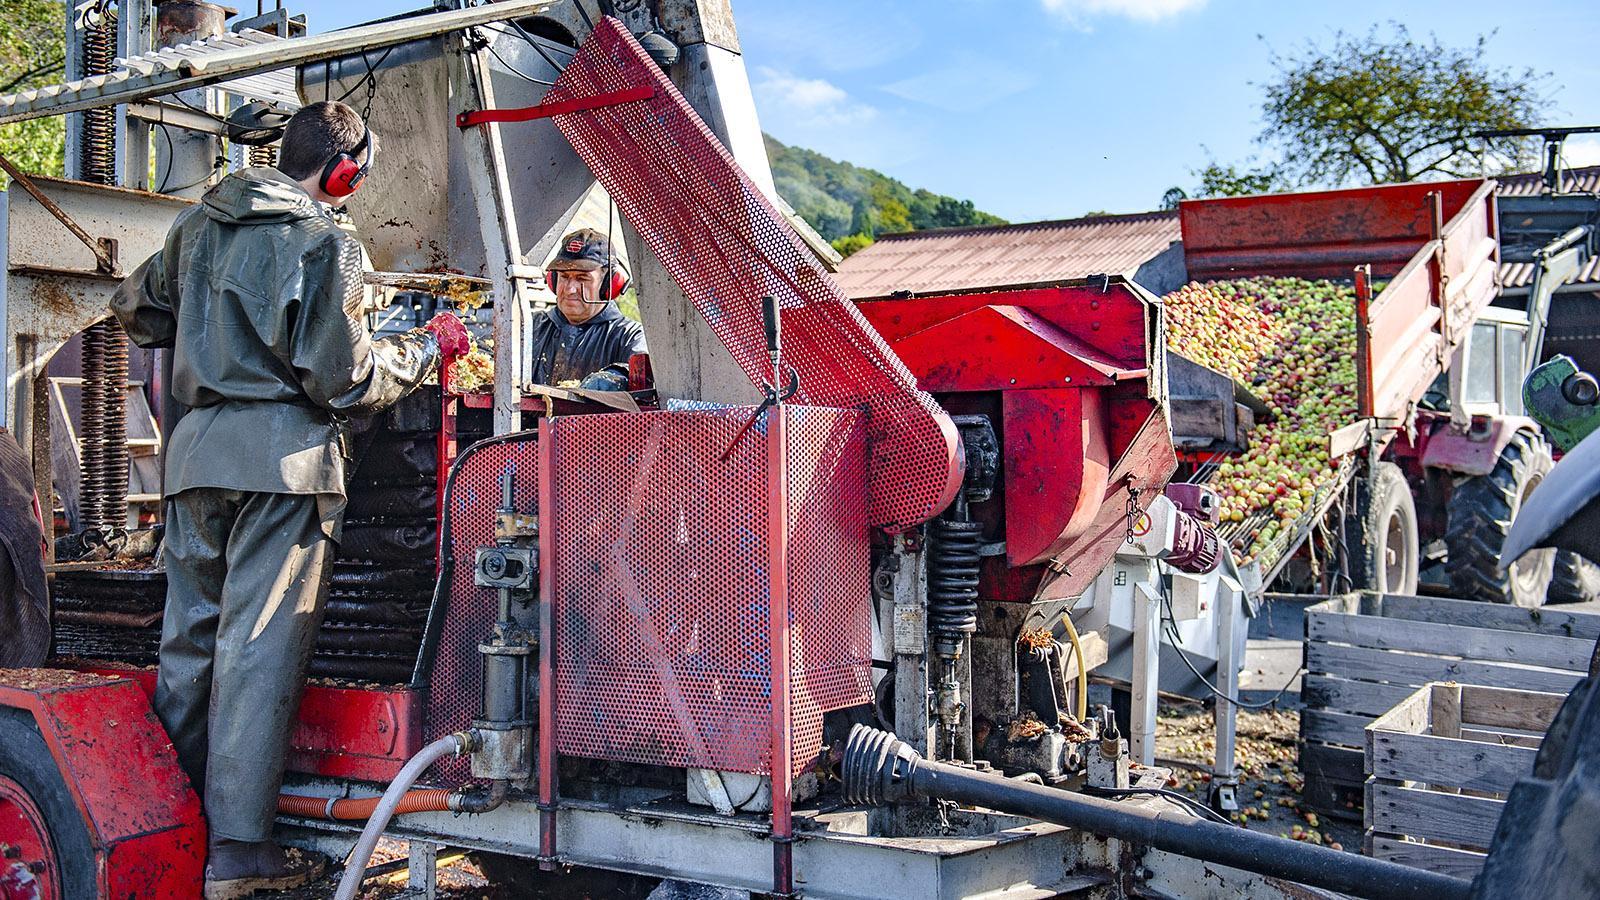 Cidre-Herstellung: Die geernteten Äpfel werden vorsortiert und gehäckselt. Foto: Hilke Maunder